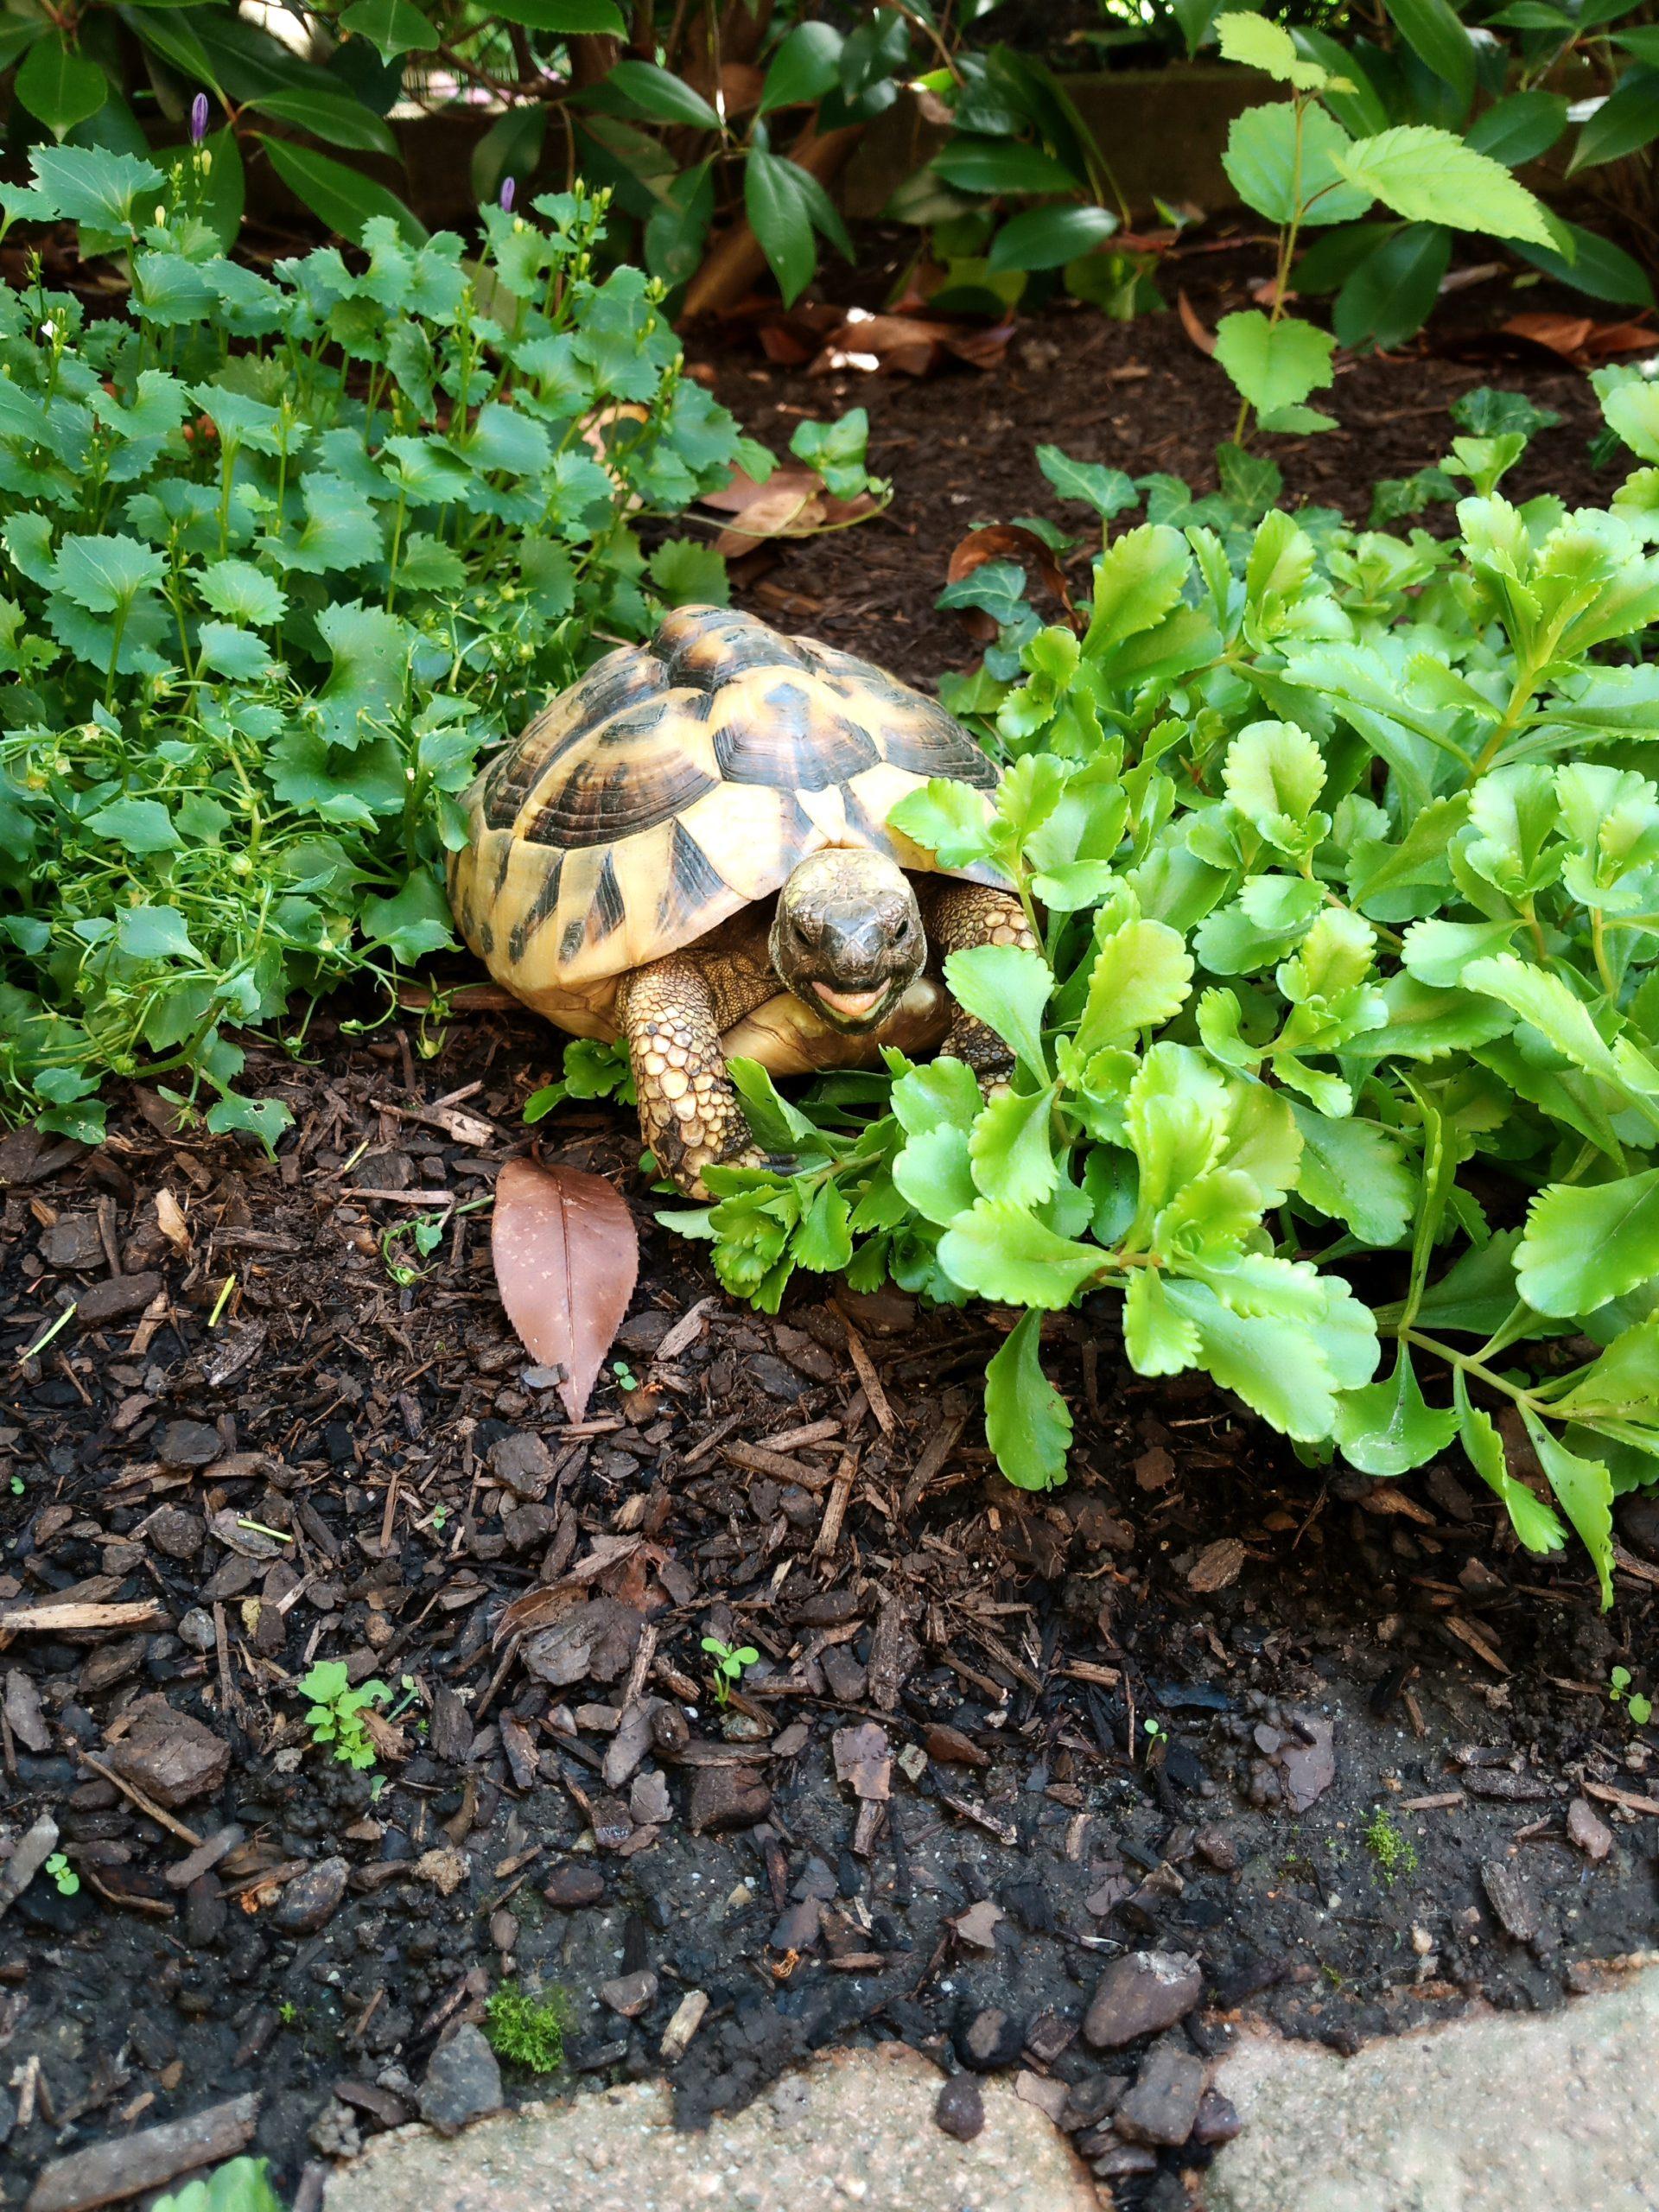 Griechische Landschildkröte beim Futtern